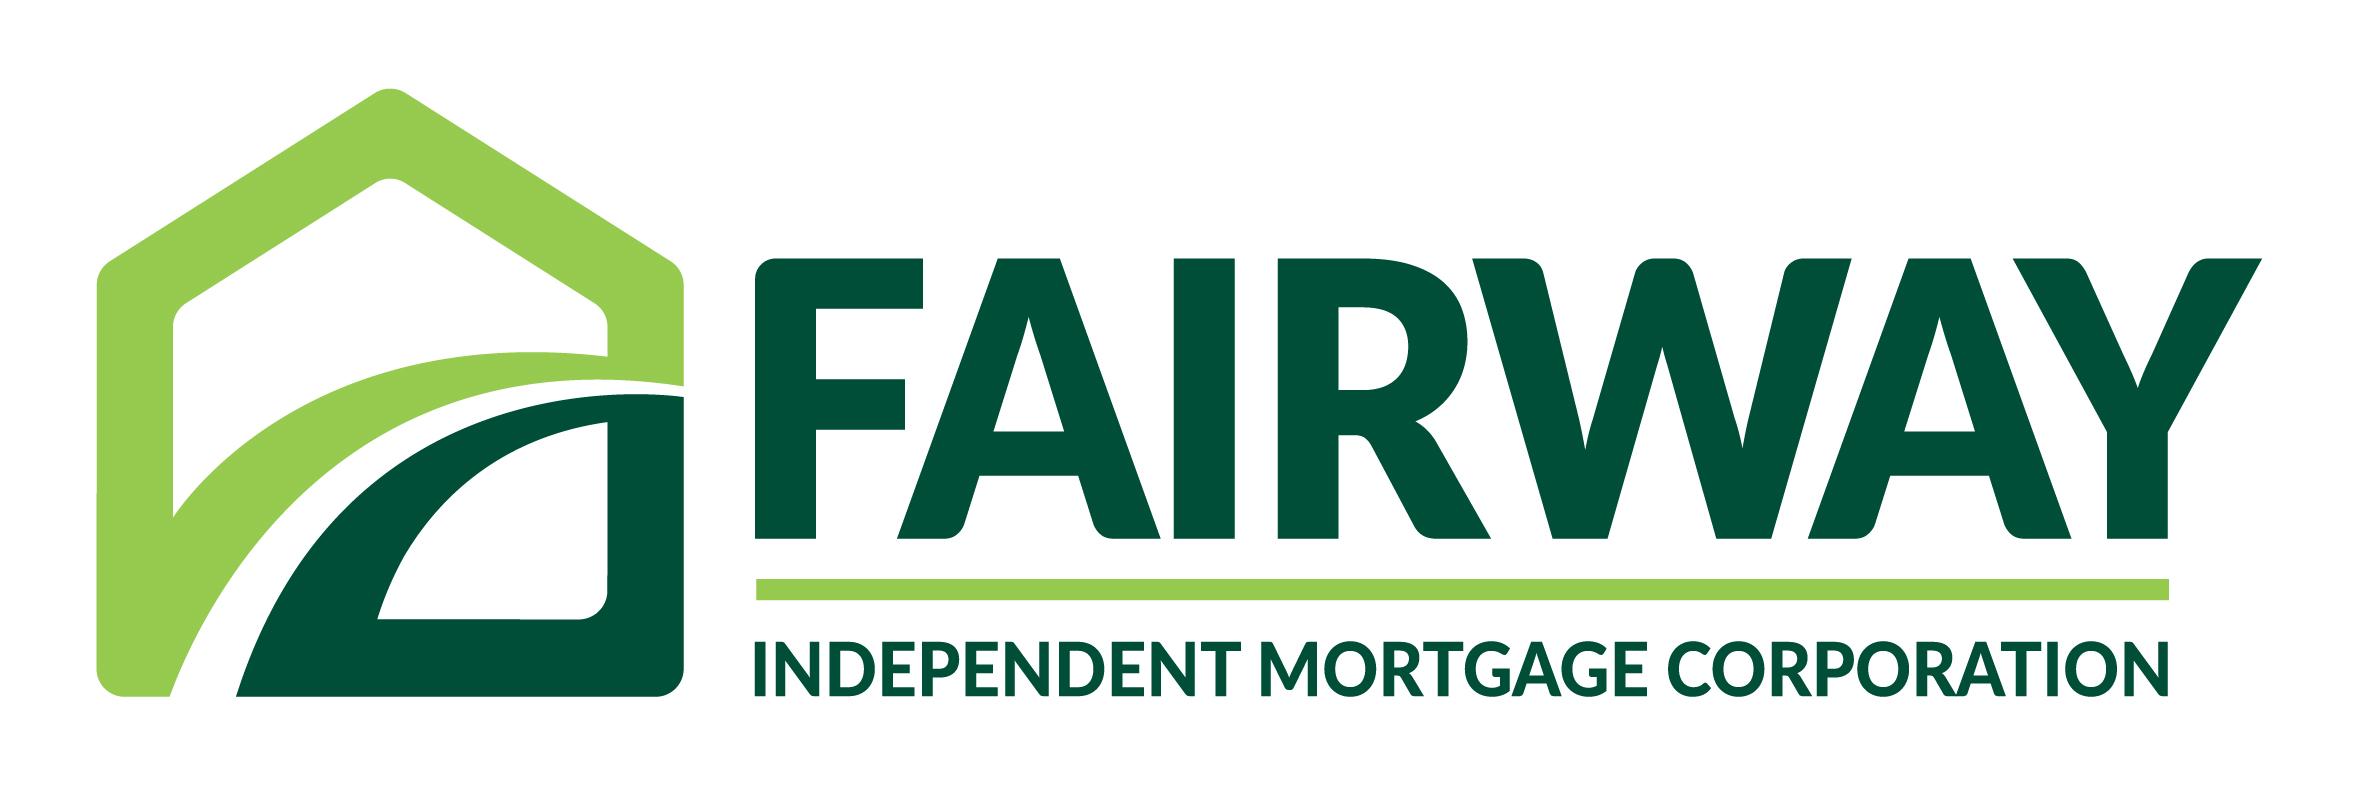 Fairway-Logo.jpg